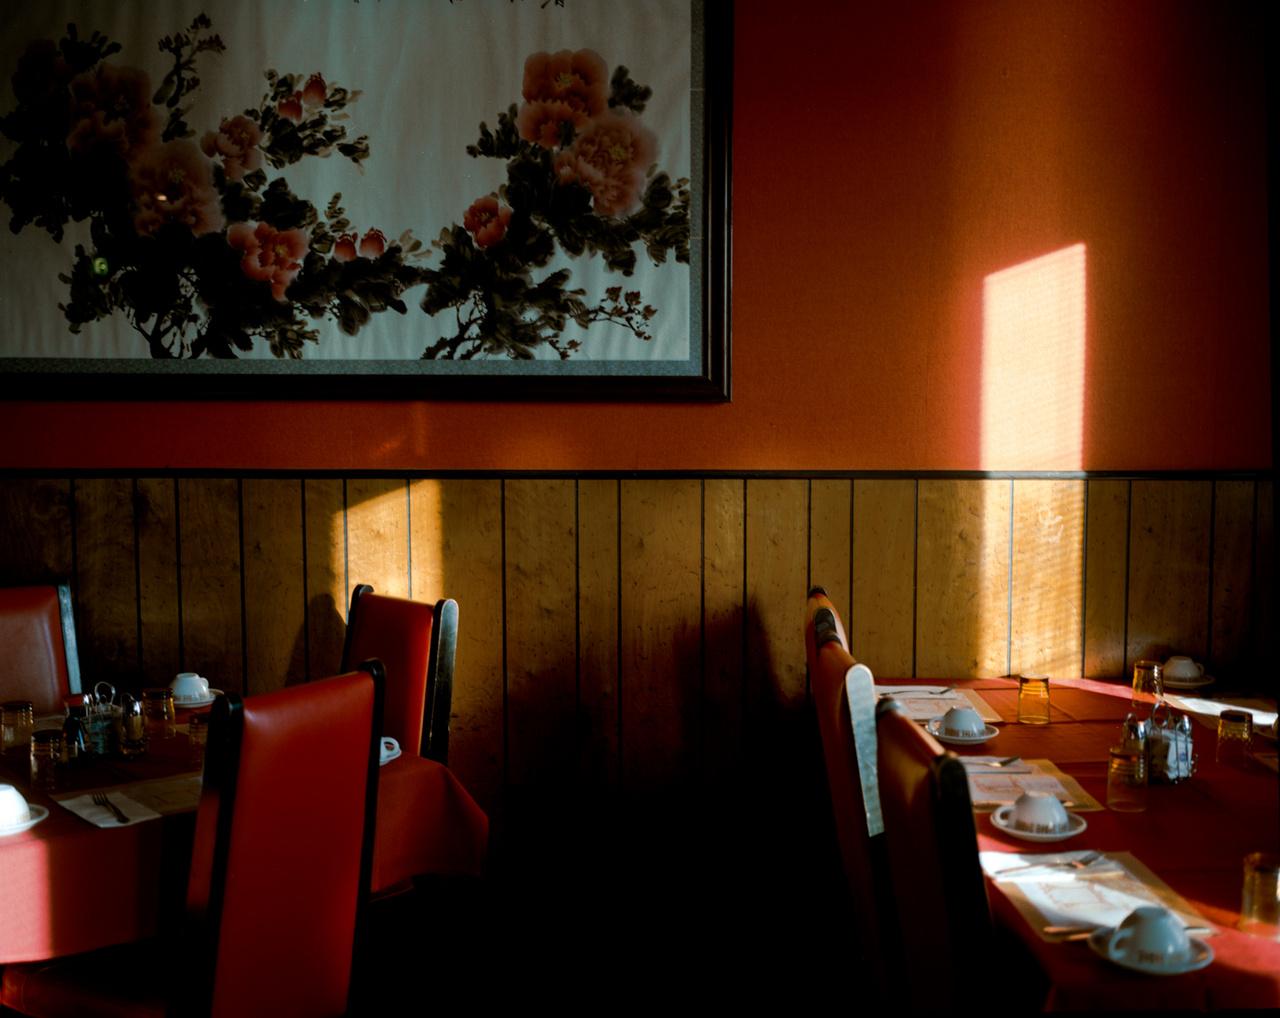 Egy nyugodt délután a China Village nevű kínai-amerikai étteremben az Idaho állambeli Jerome-ban. Az étterem egy teljesen jellegtelen kisváros teljesen jellegtelen parkolójában található, a honlapja alapján hasonló a menüje, mint egy tetszőleges magyarországi kínai büfének, bár adnak steaket és hamburgert is.